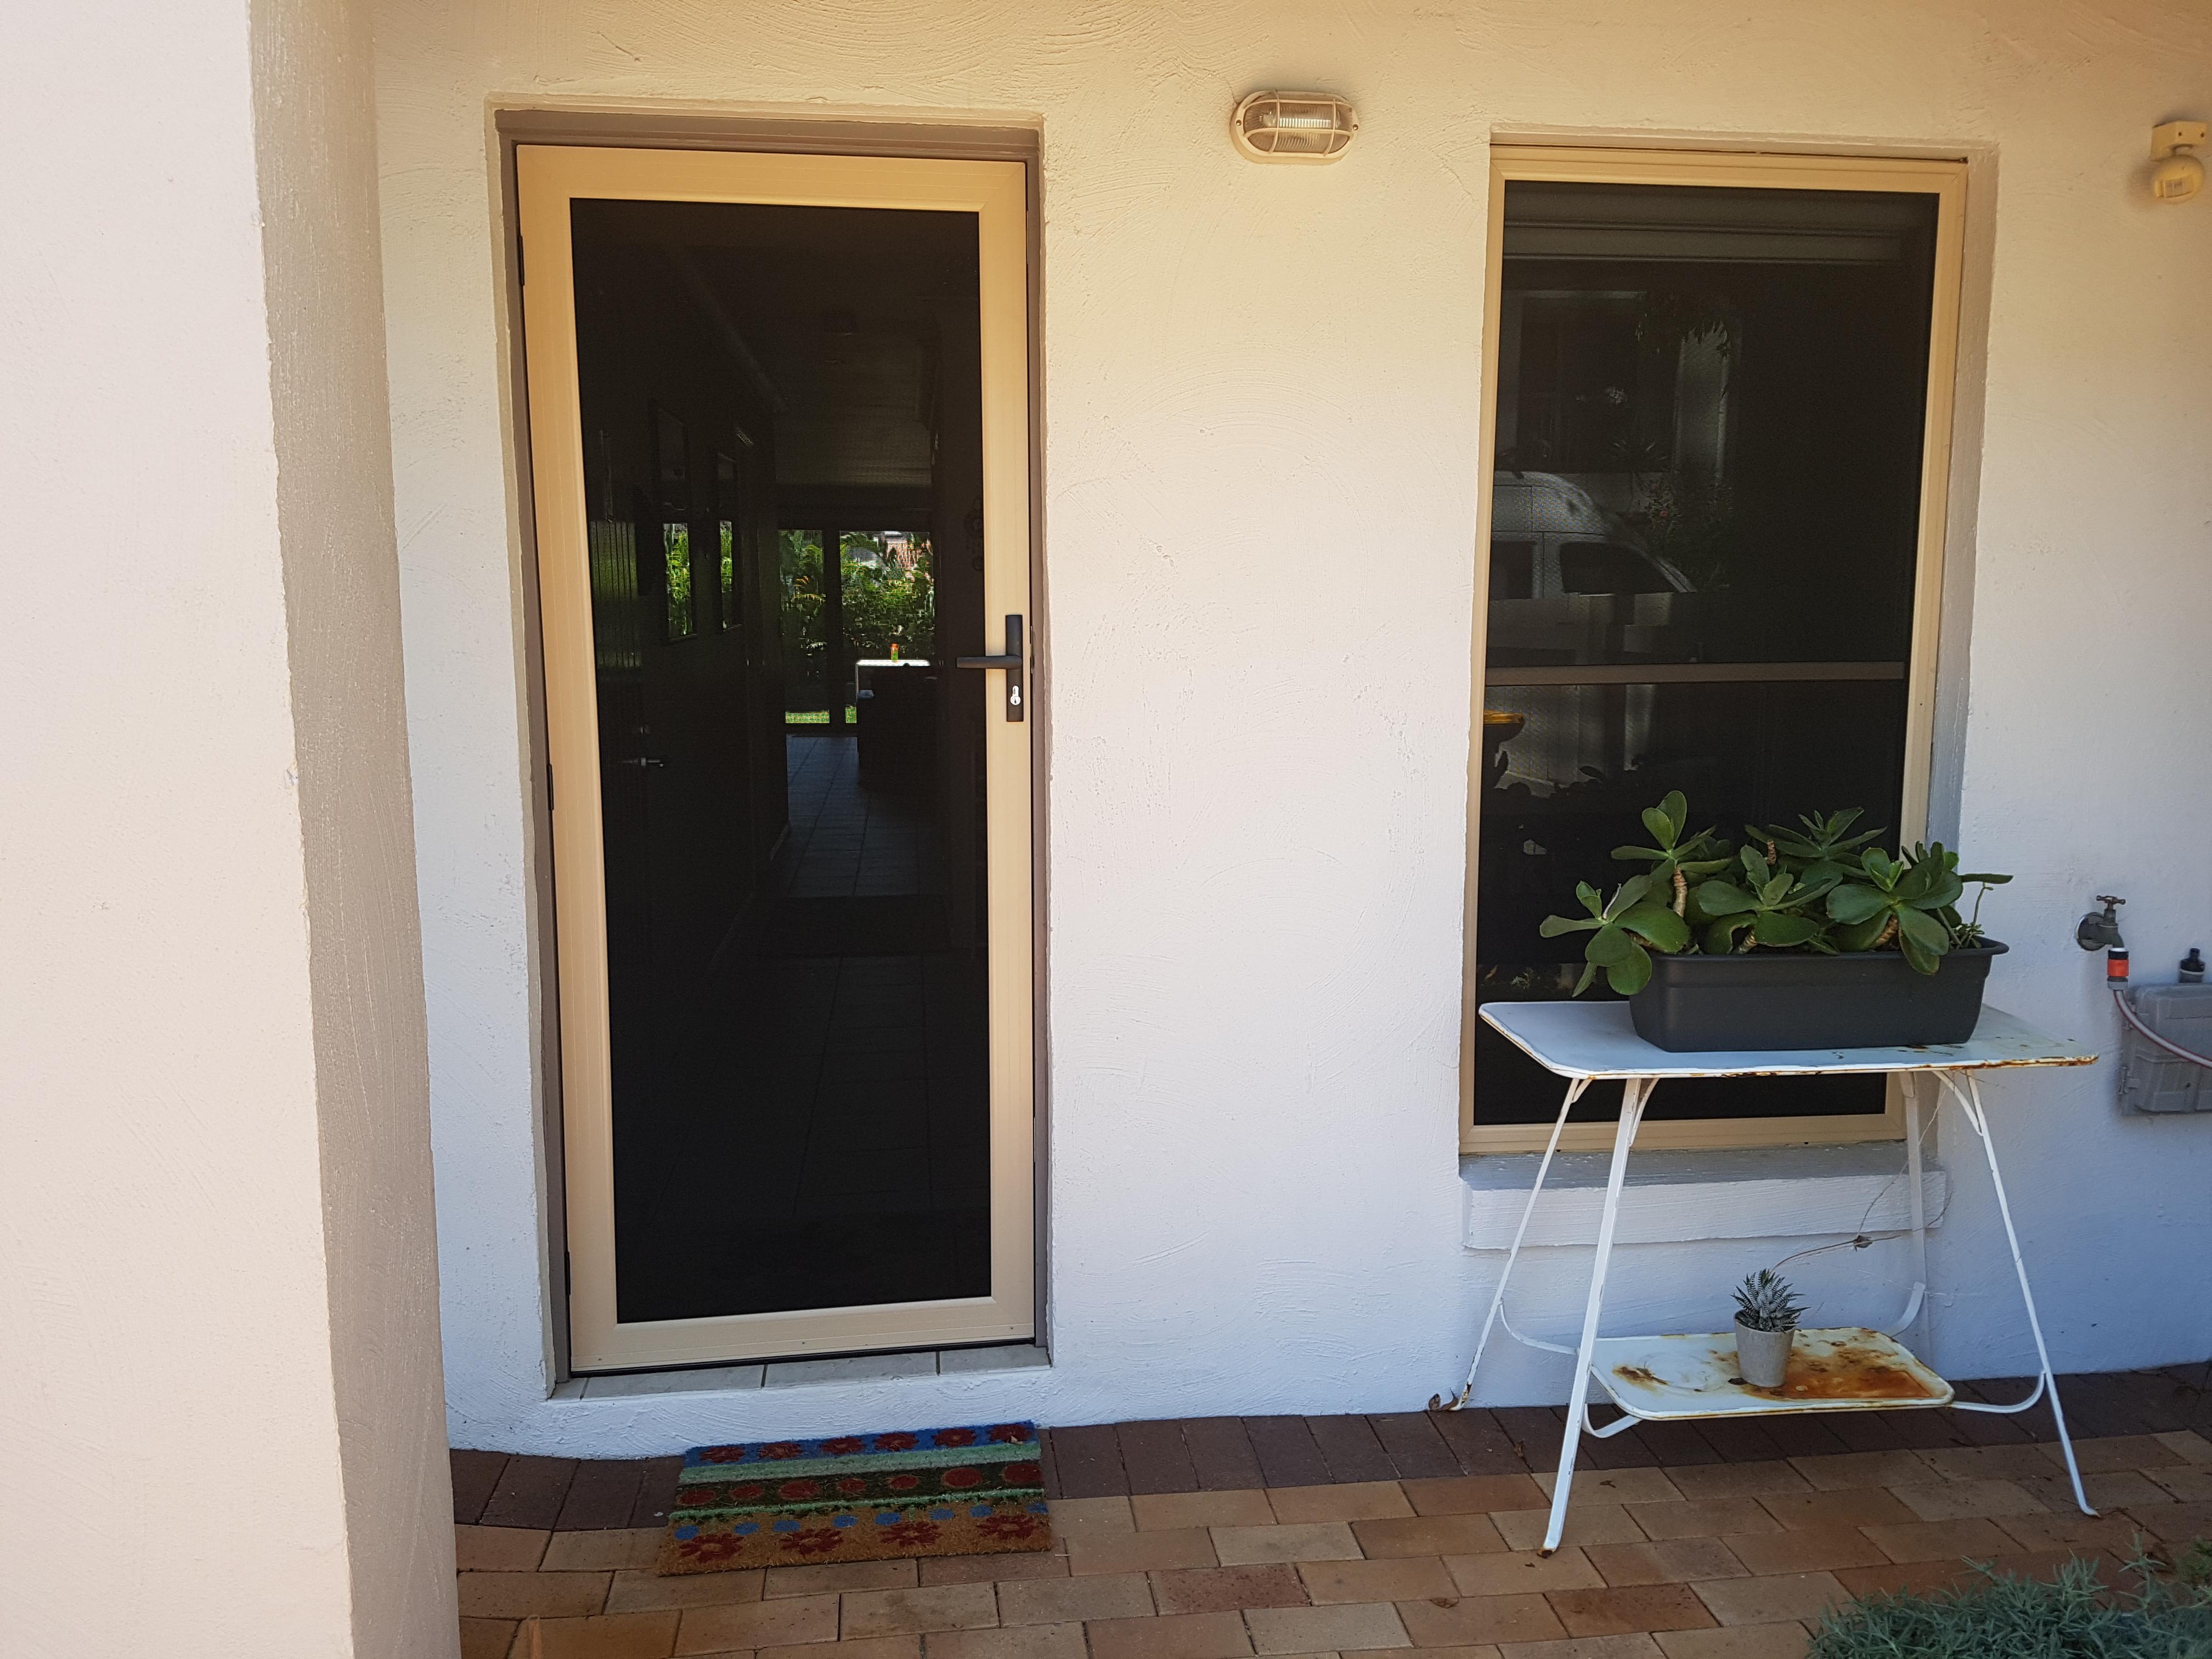 Security door and window in stone beige, Bulimba